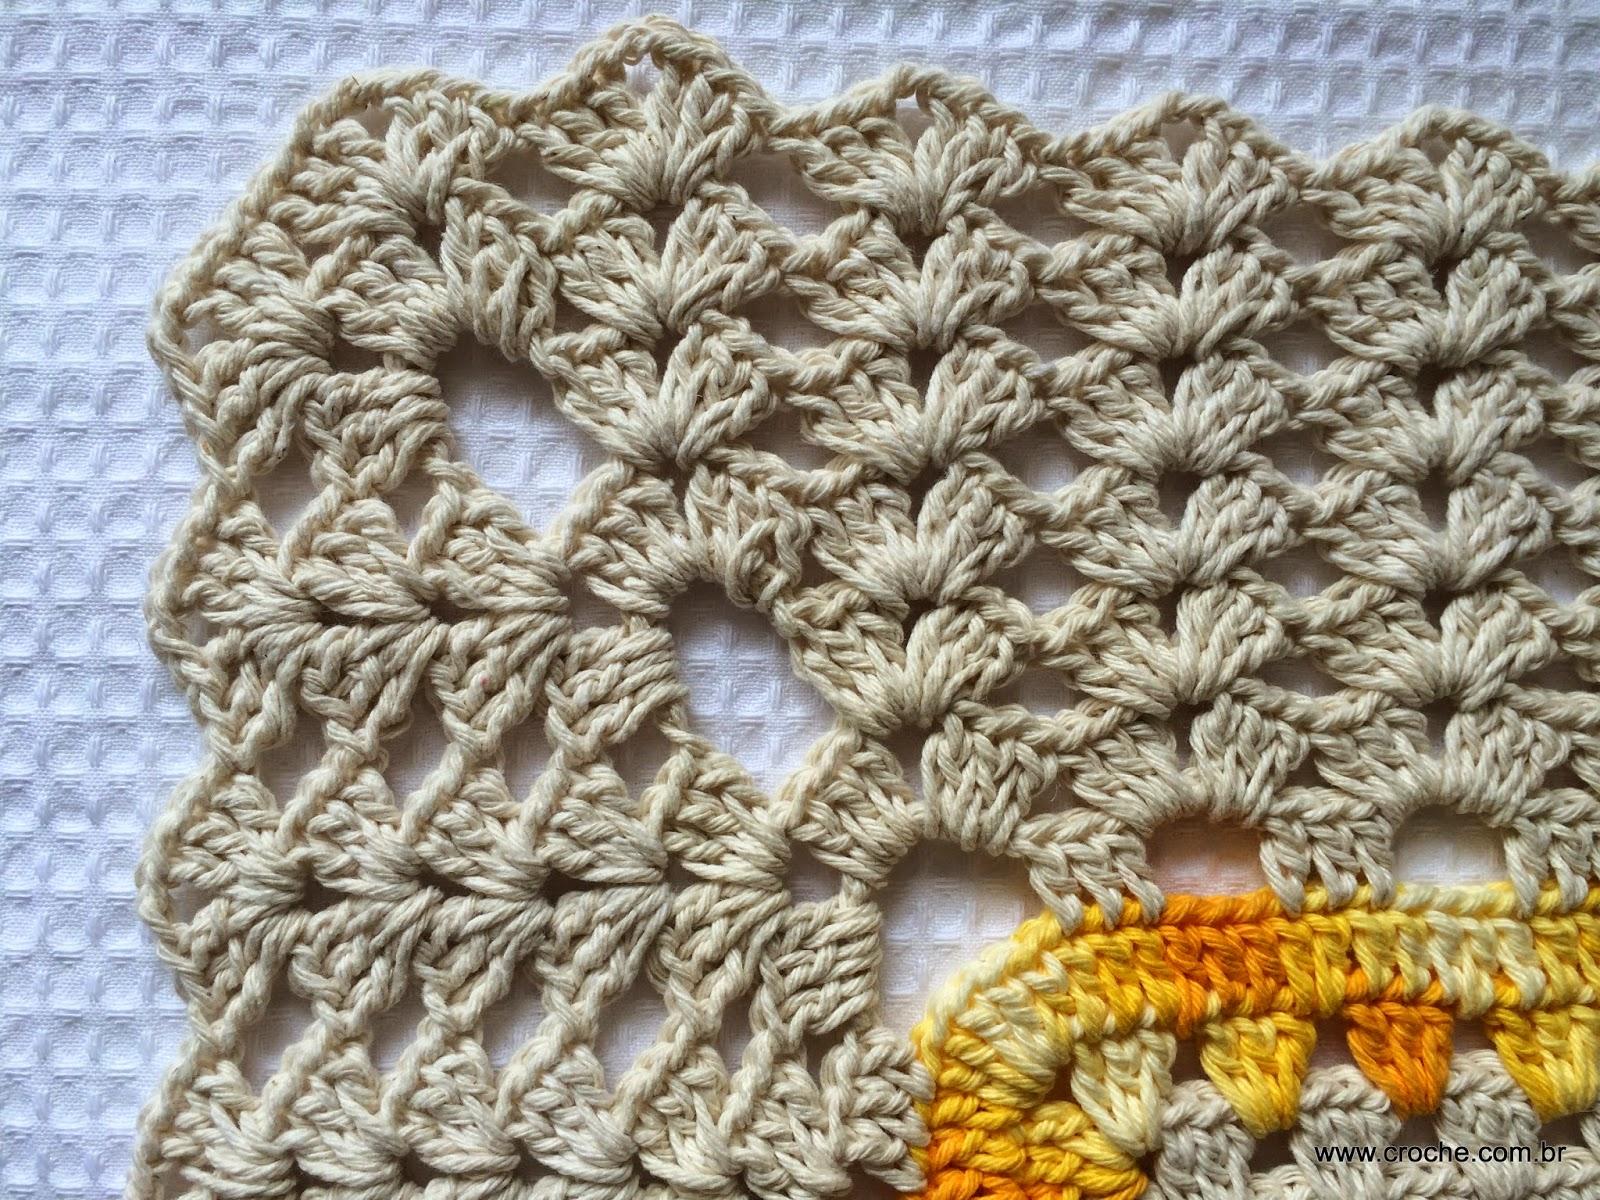 1000 images about tapetes de crochet on pinterest pink. Black Bedroom Furniture Sets. Home Design Ideas